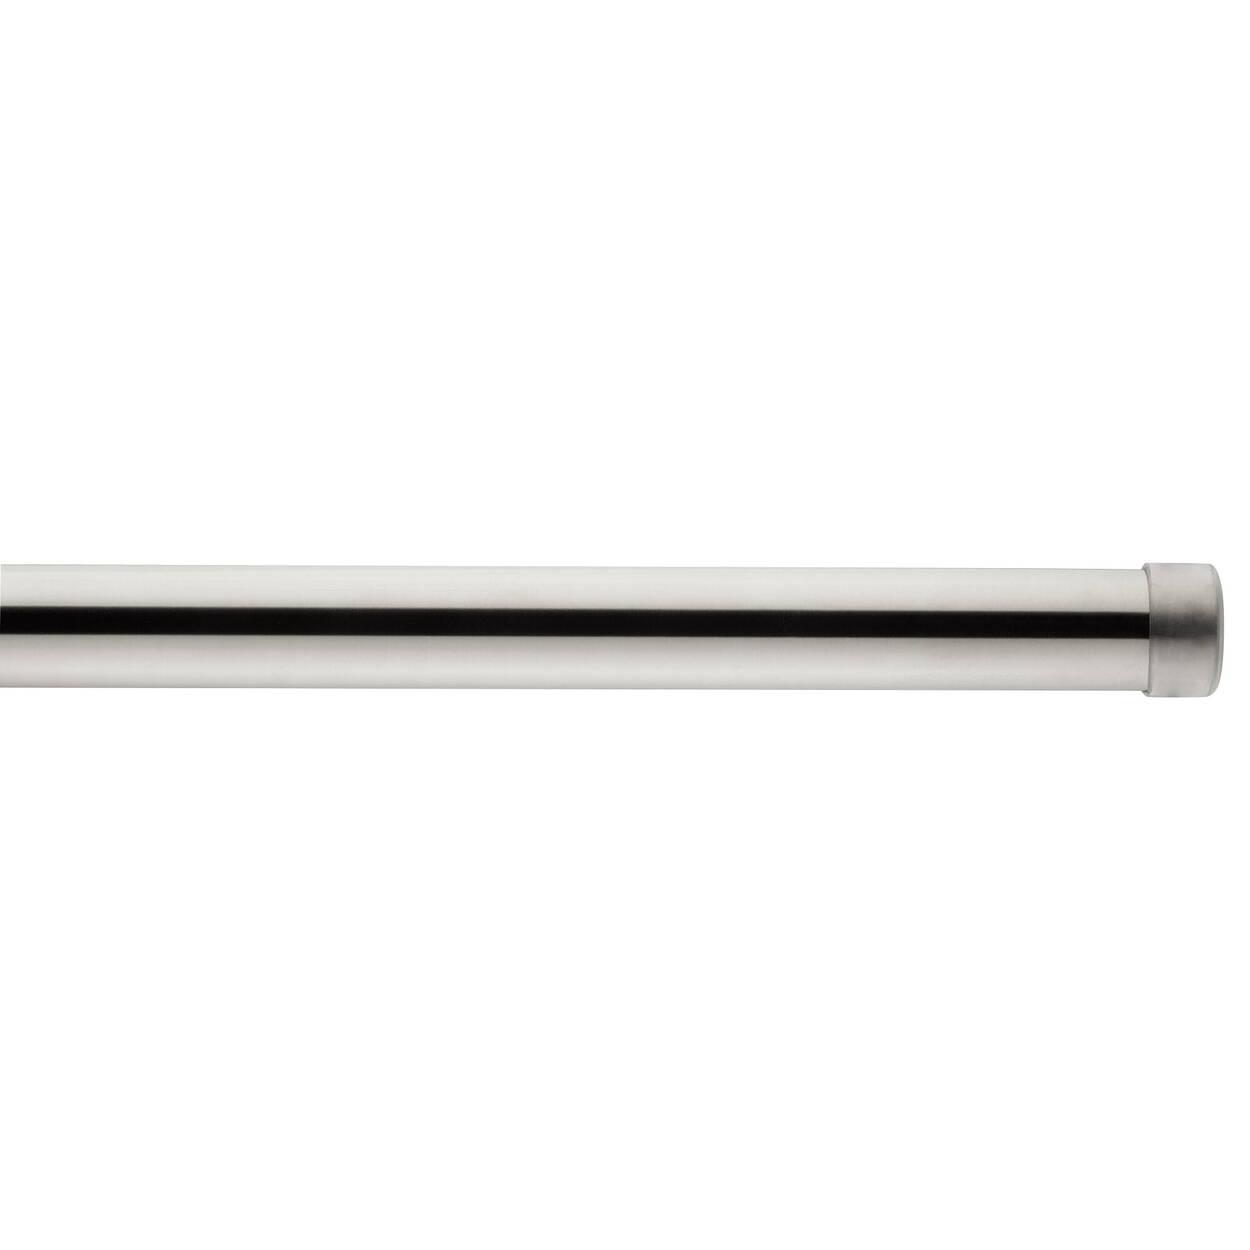 Ensemble de tringle d'extension - Diamètre 25 mm